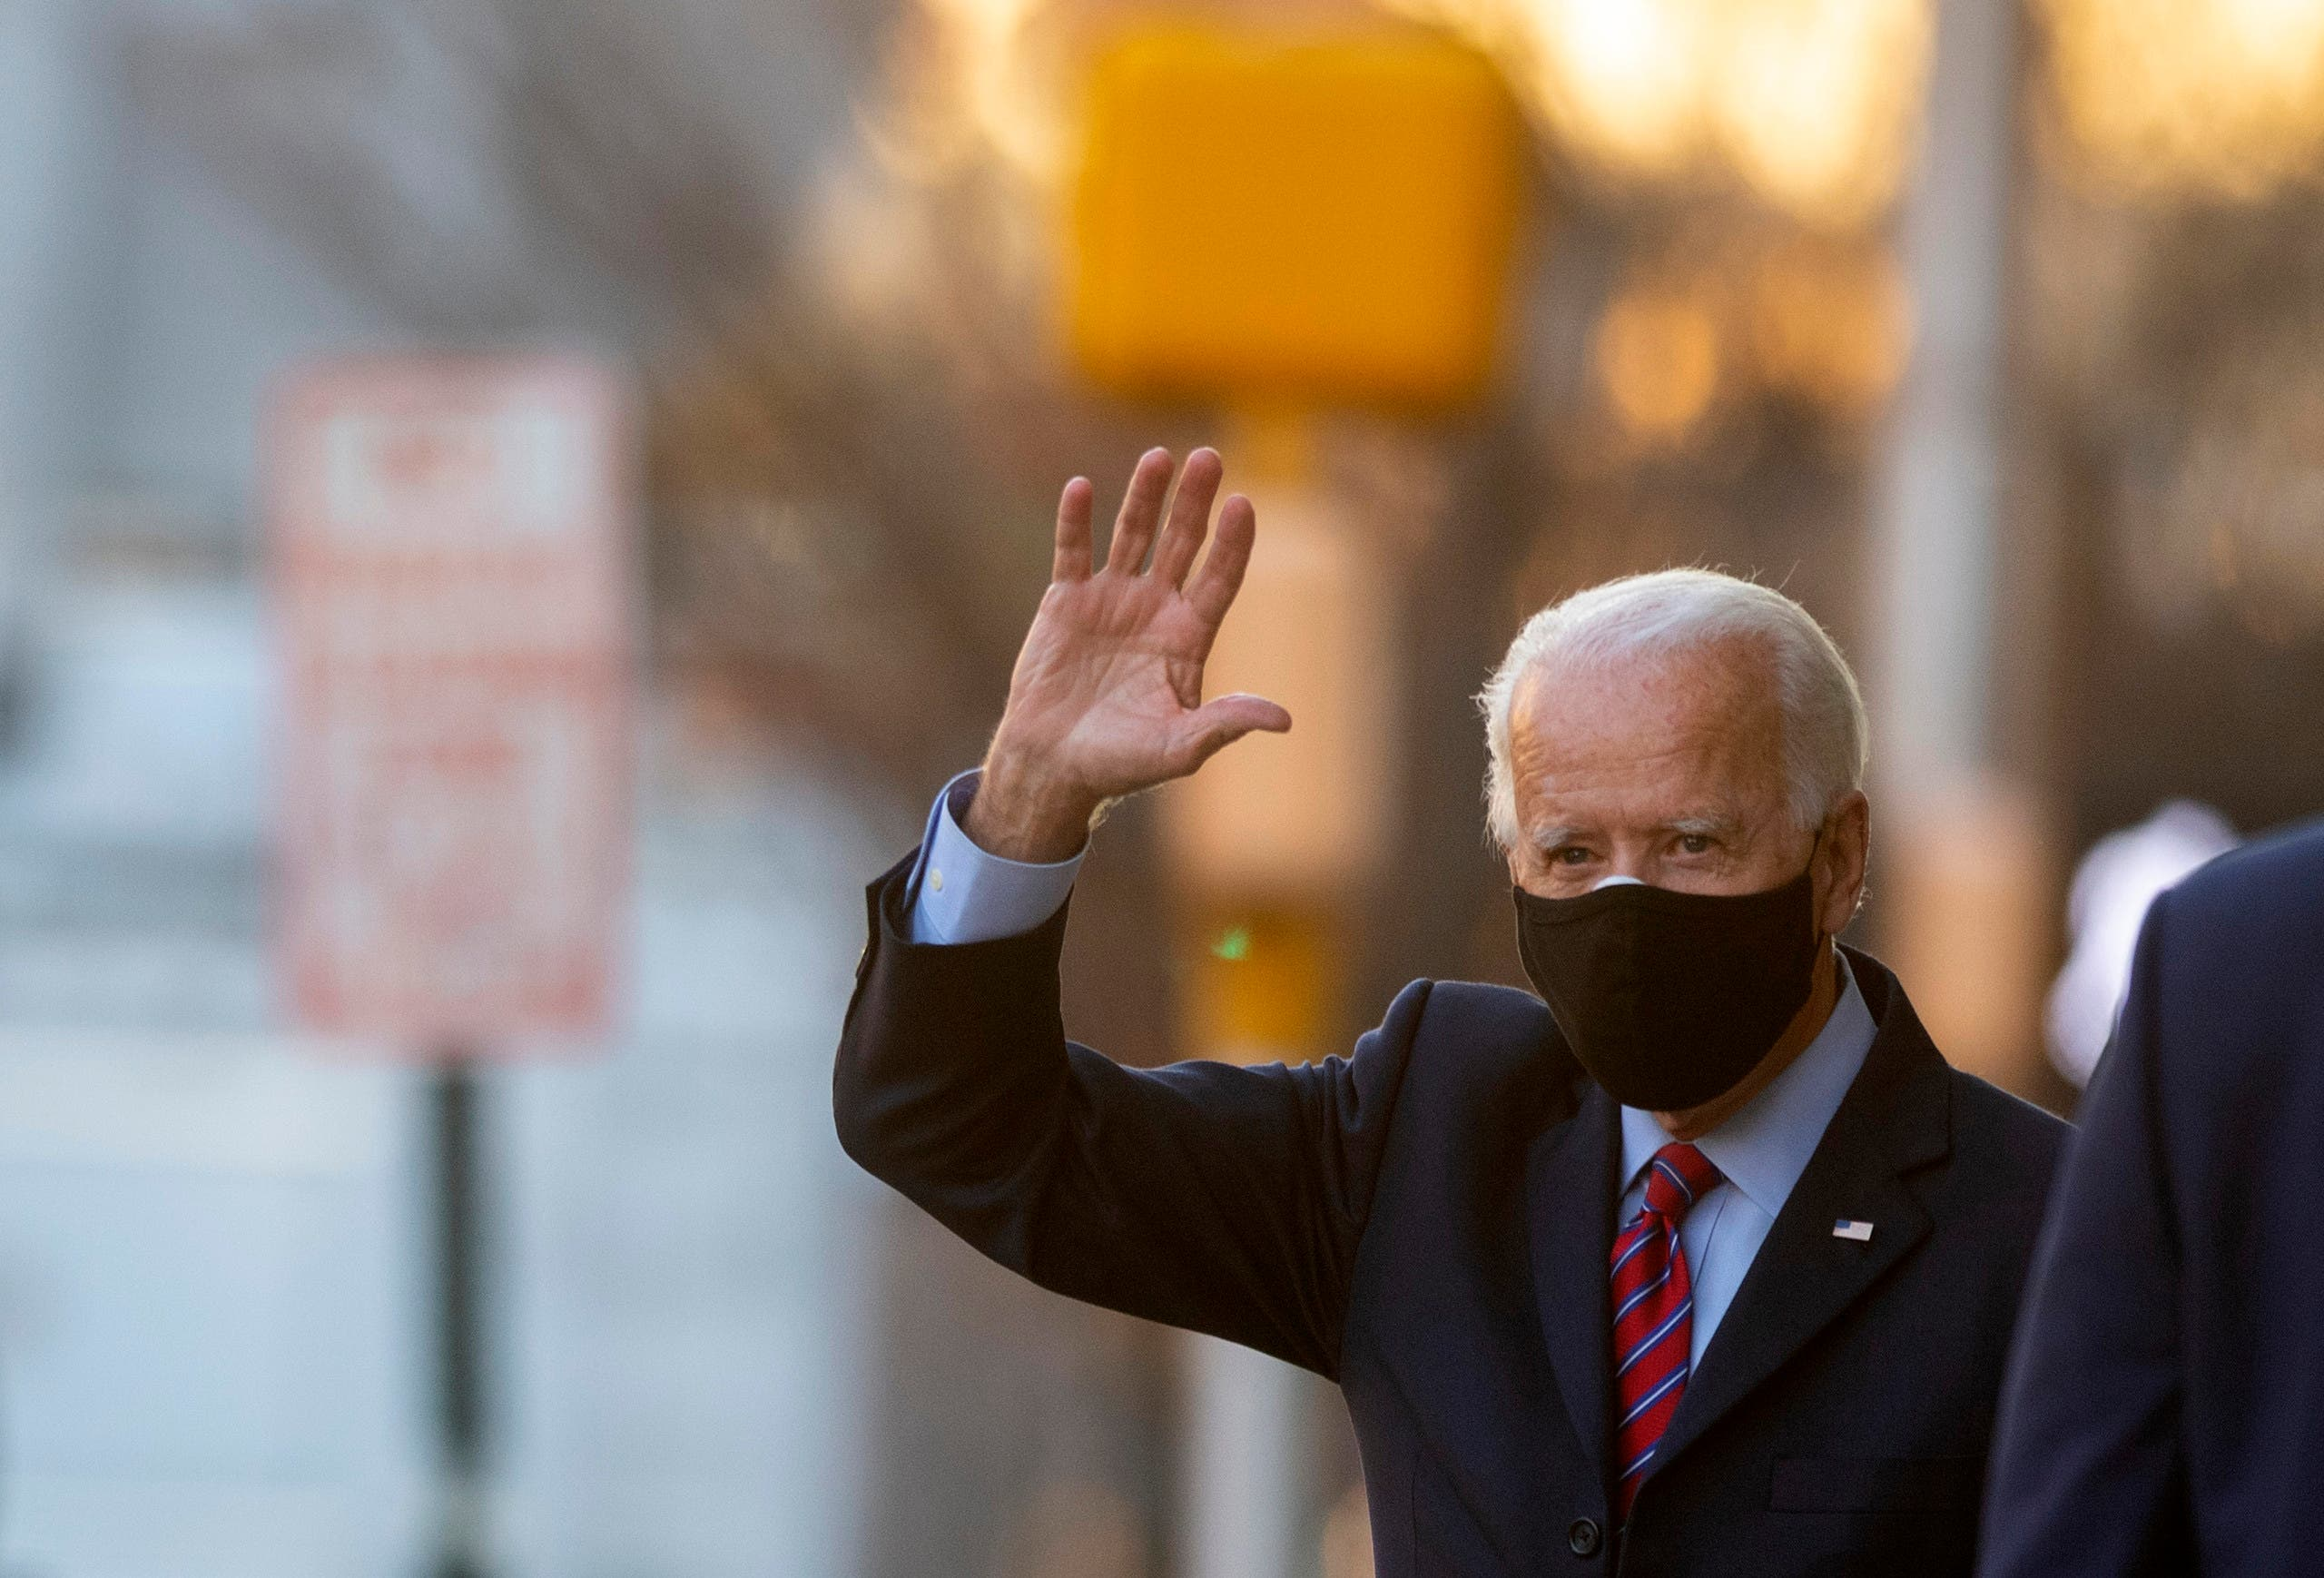 الرئيس الأميركي المنتخب جو بايدن يخرج من مقر عمه في ديلاوير